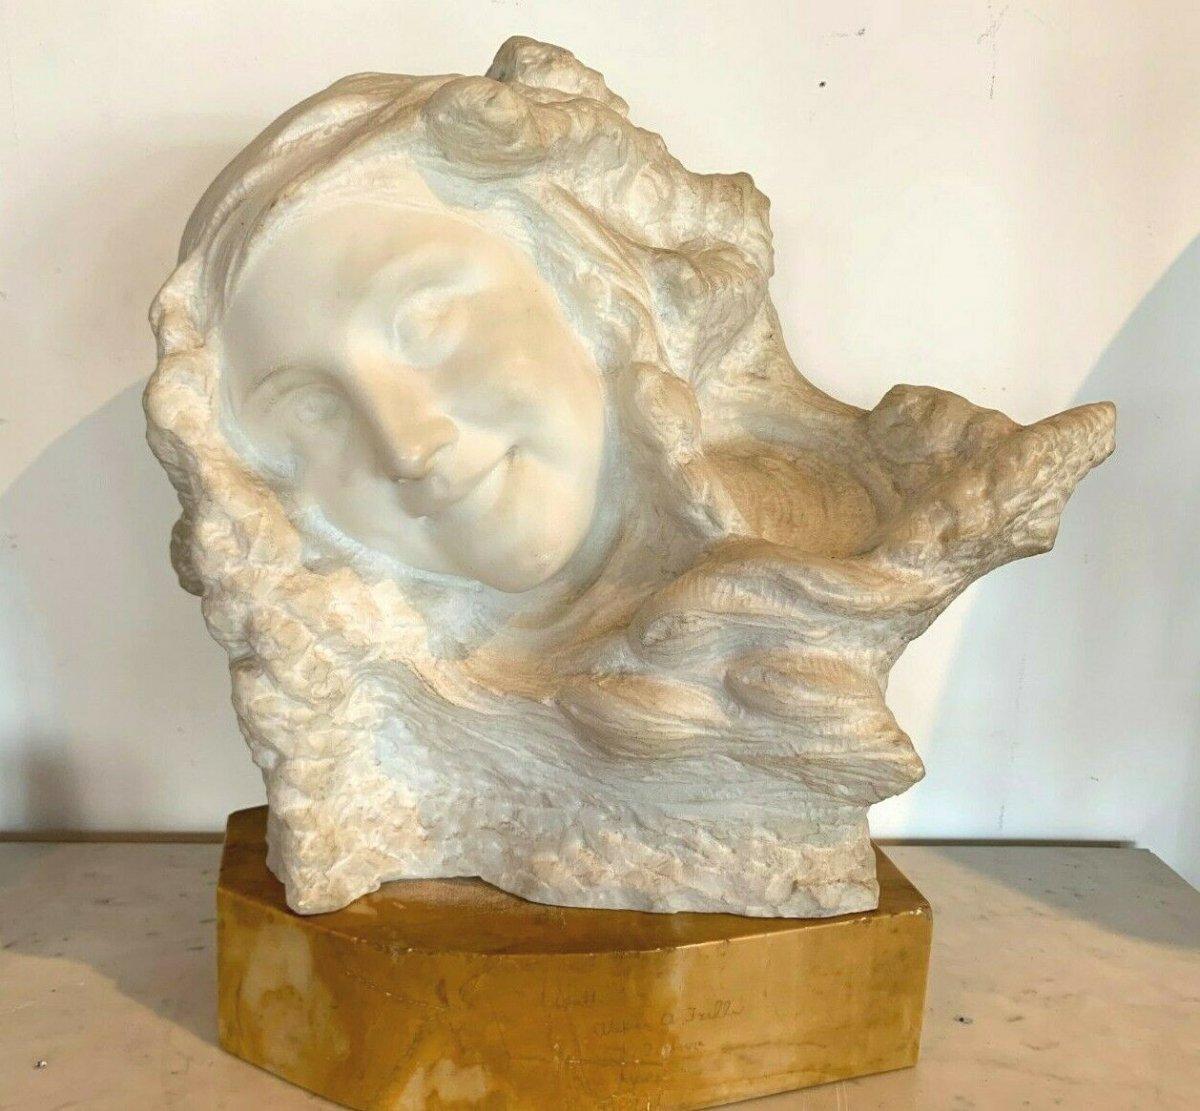 Groupe En Marbre De Carrarre Prof Pattarino Sculpture En Marbre XX Siècle